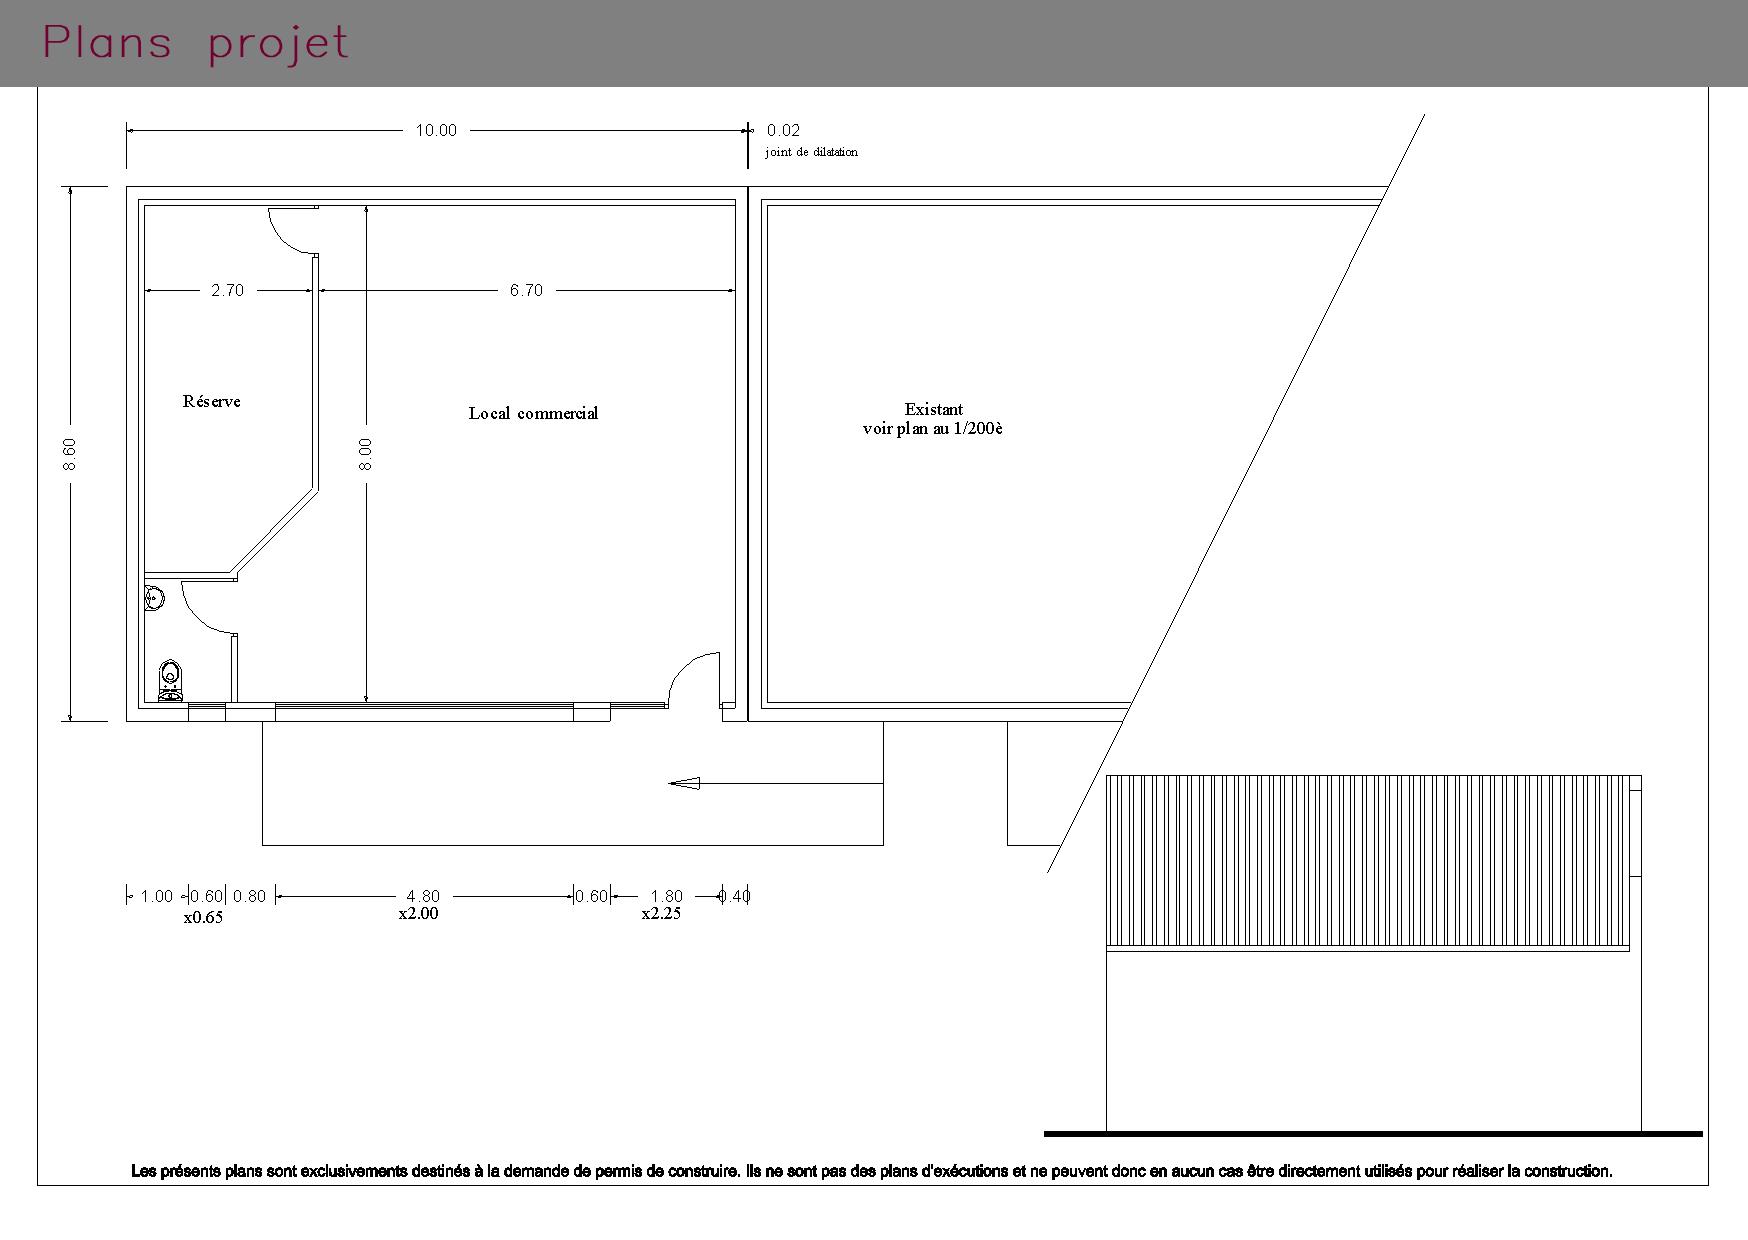 Plans projet d'un espace commercial